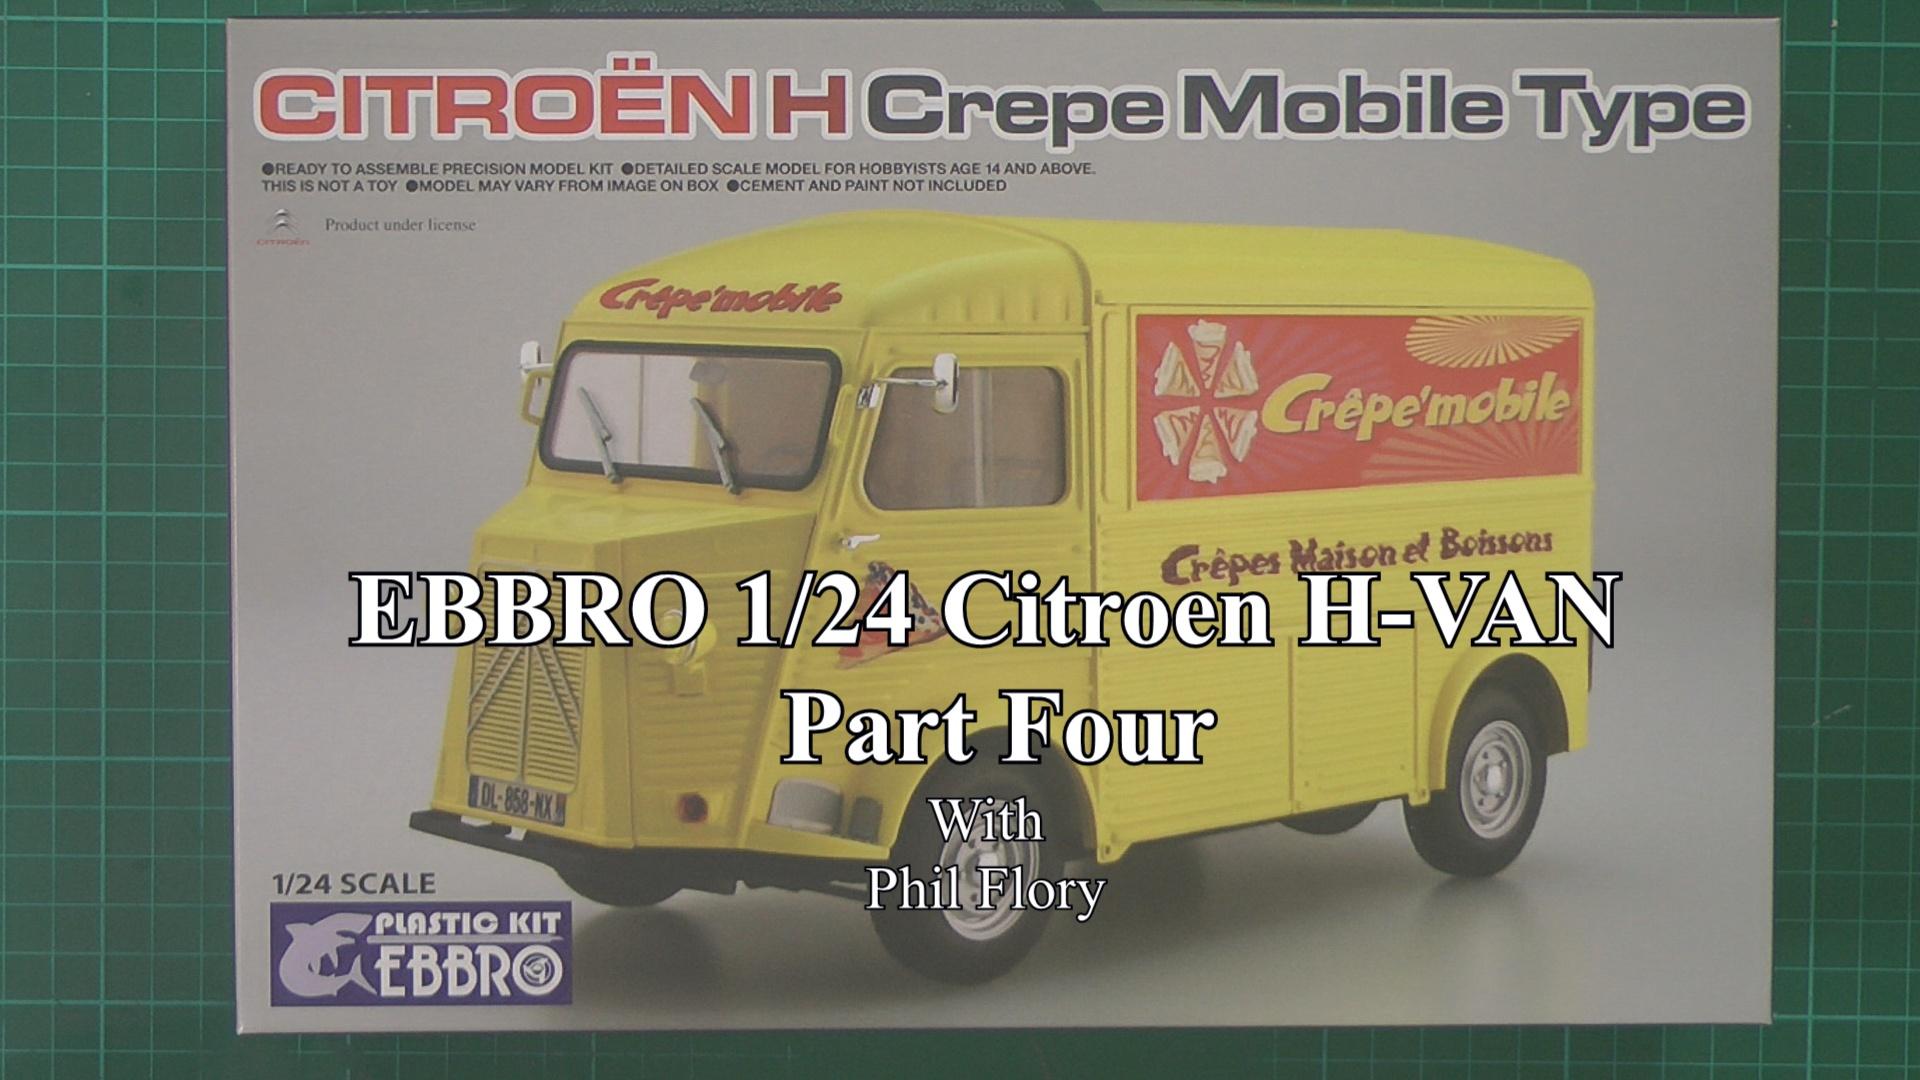 EBBRO Citroen H-VAN Part 4.jpg